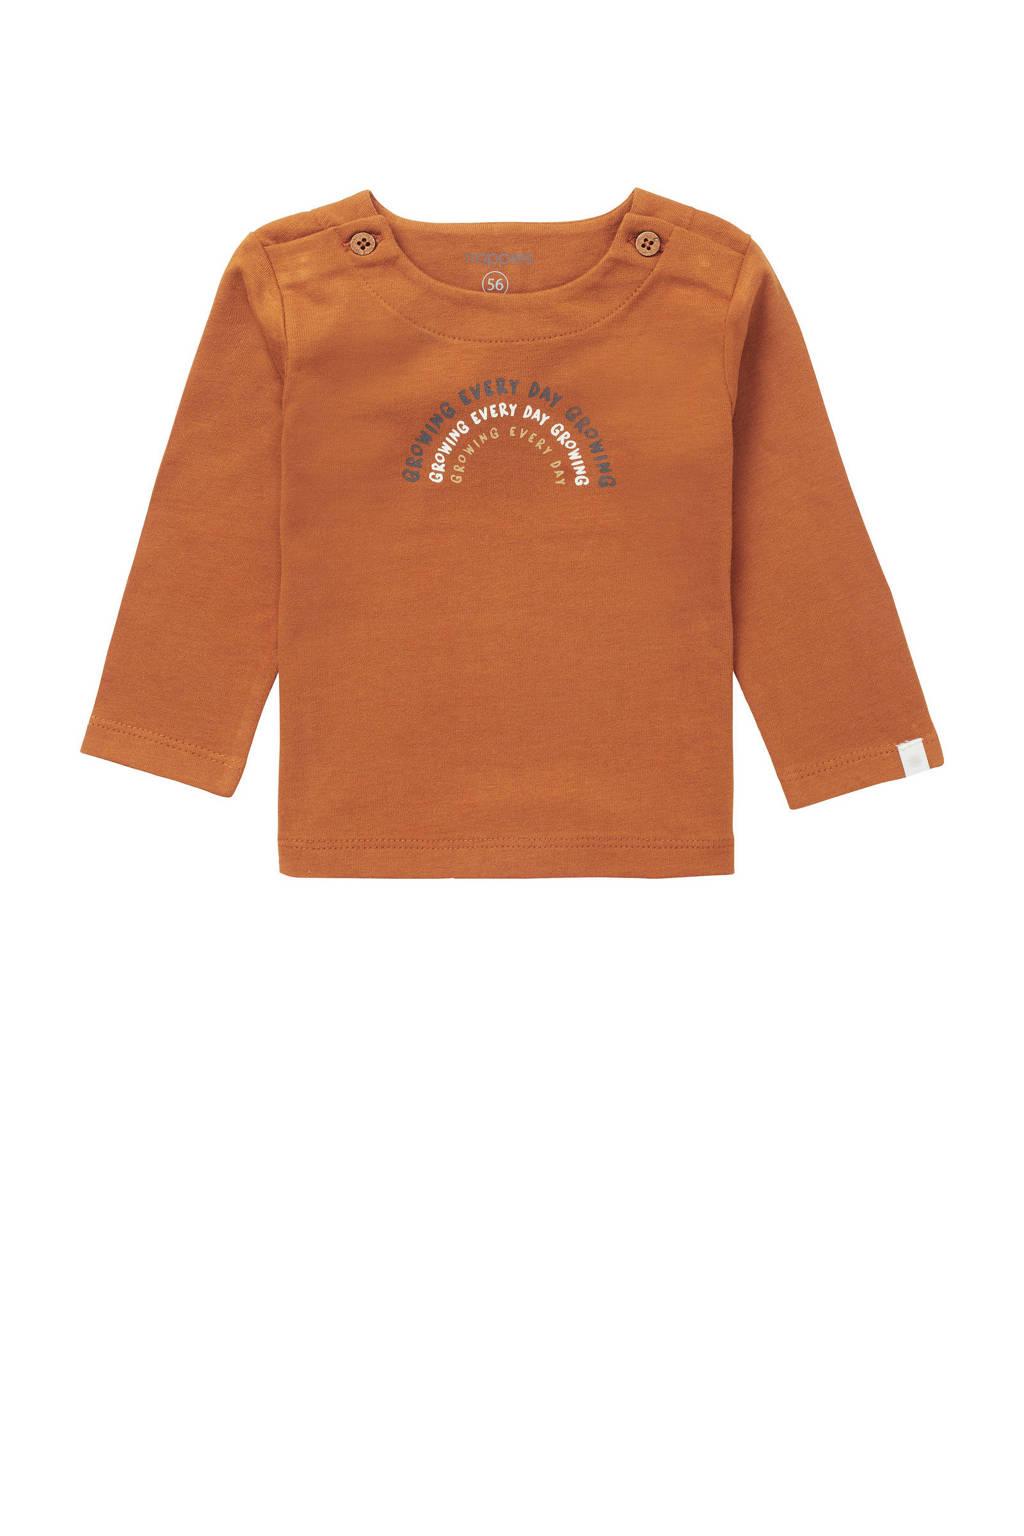 Noppies baby longsleeve Shields met biologisch katoen bruin, Bruin